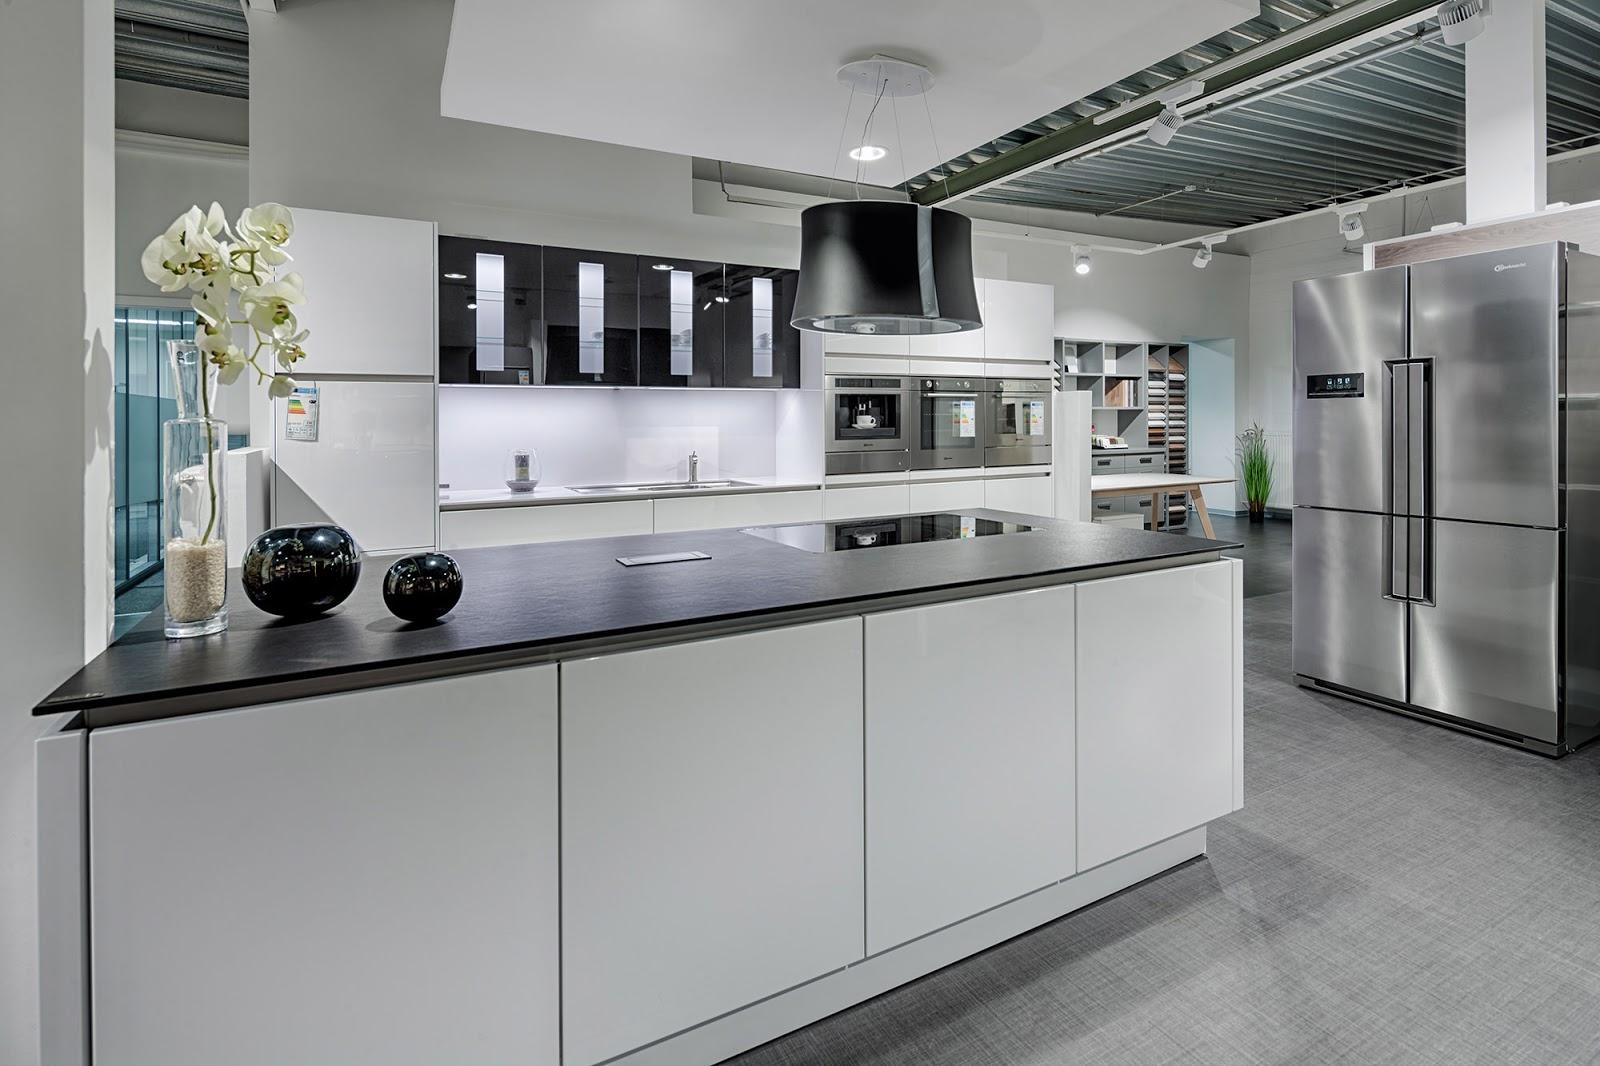 Küchenstudio Braunschweig küchen aktuell braunschweig verkaufsoffener sonntag home creation